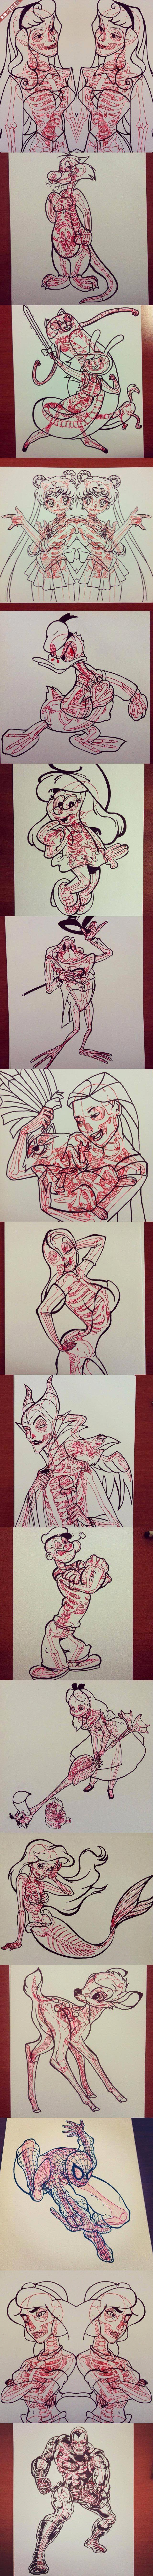 Des dessins colorés avec le squelette en rayons X !